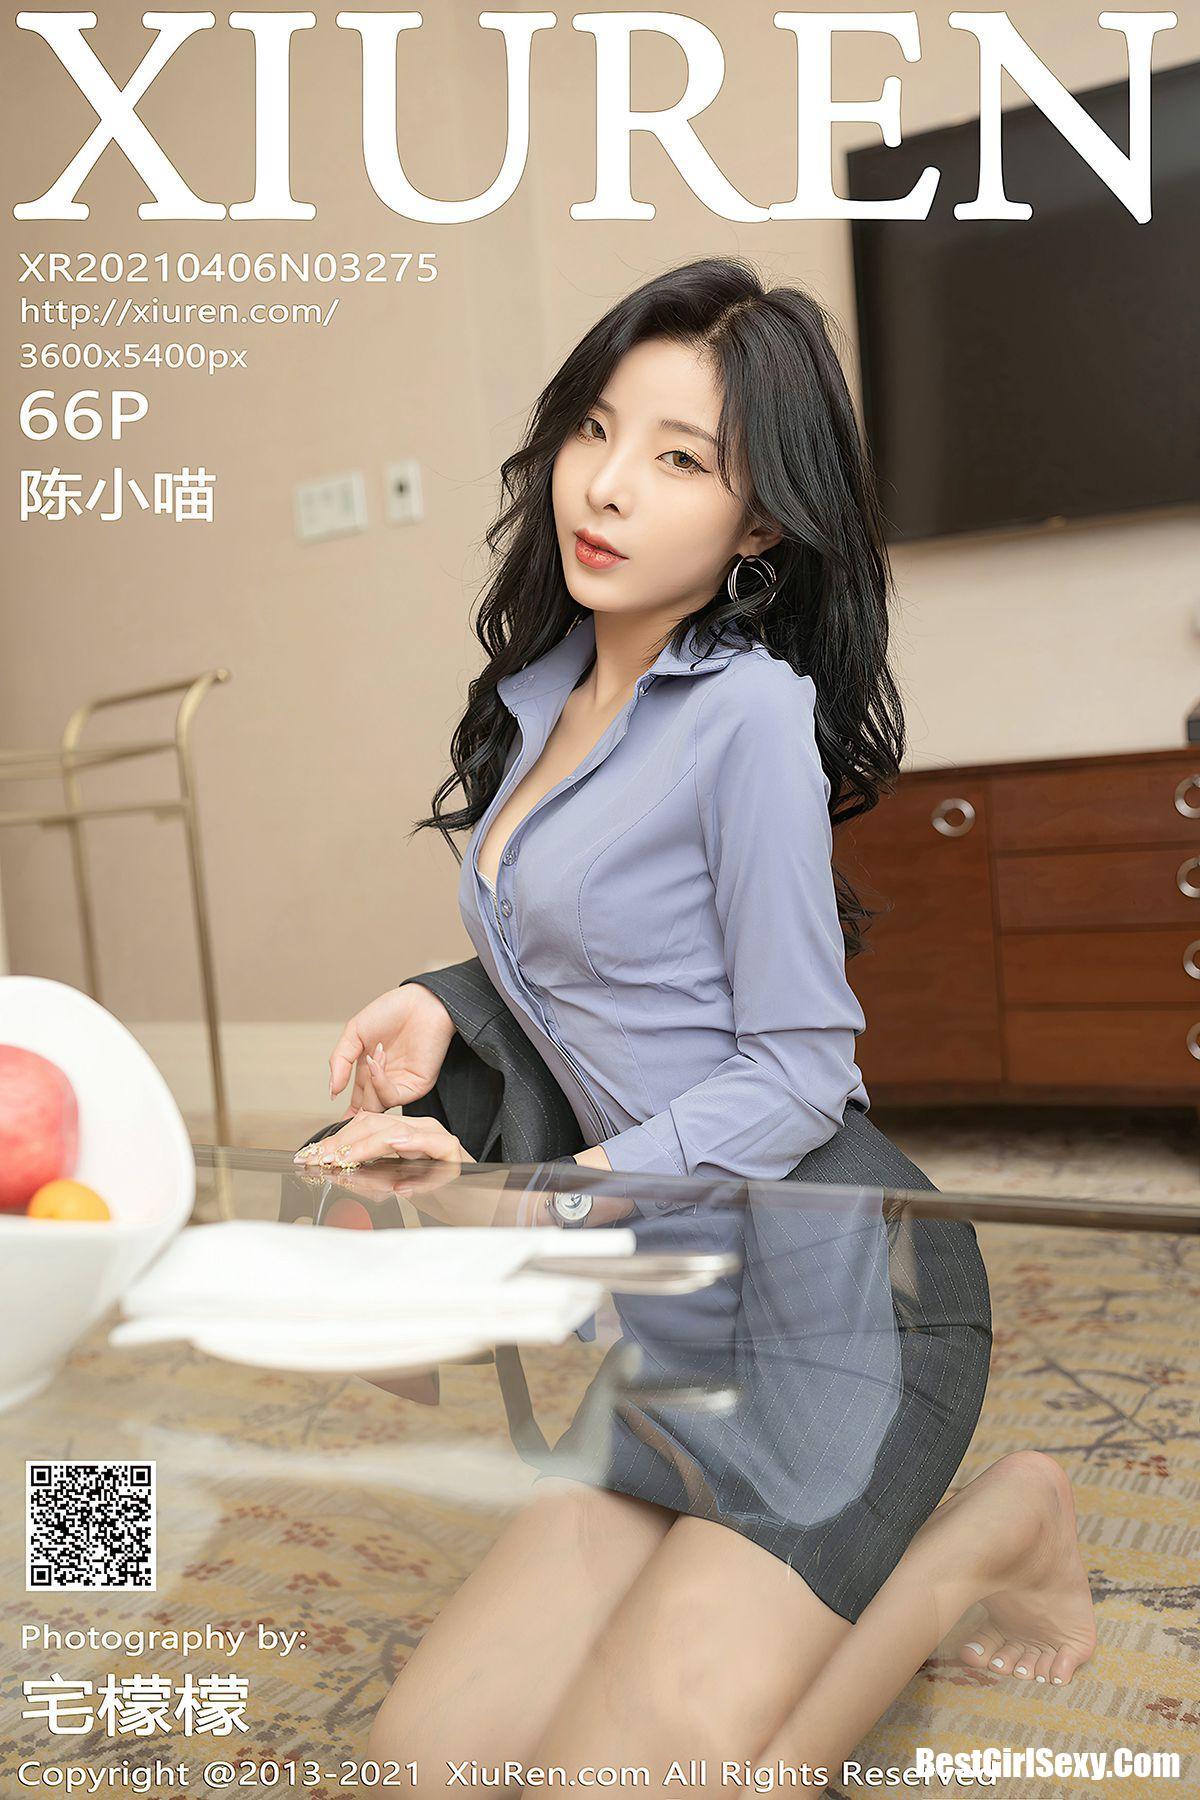 XiuRen秀人网 No.3275 Chen Xiao Miao 195